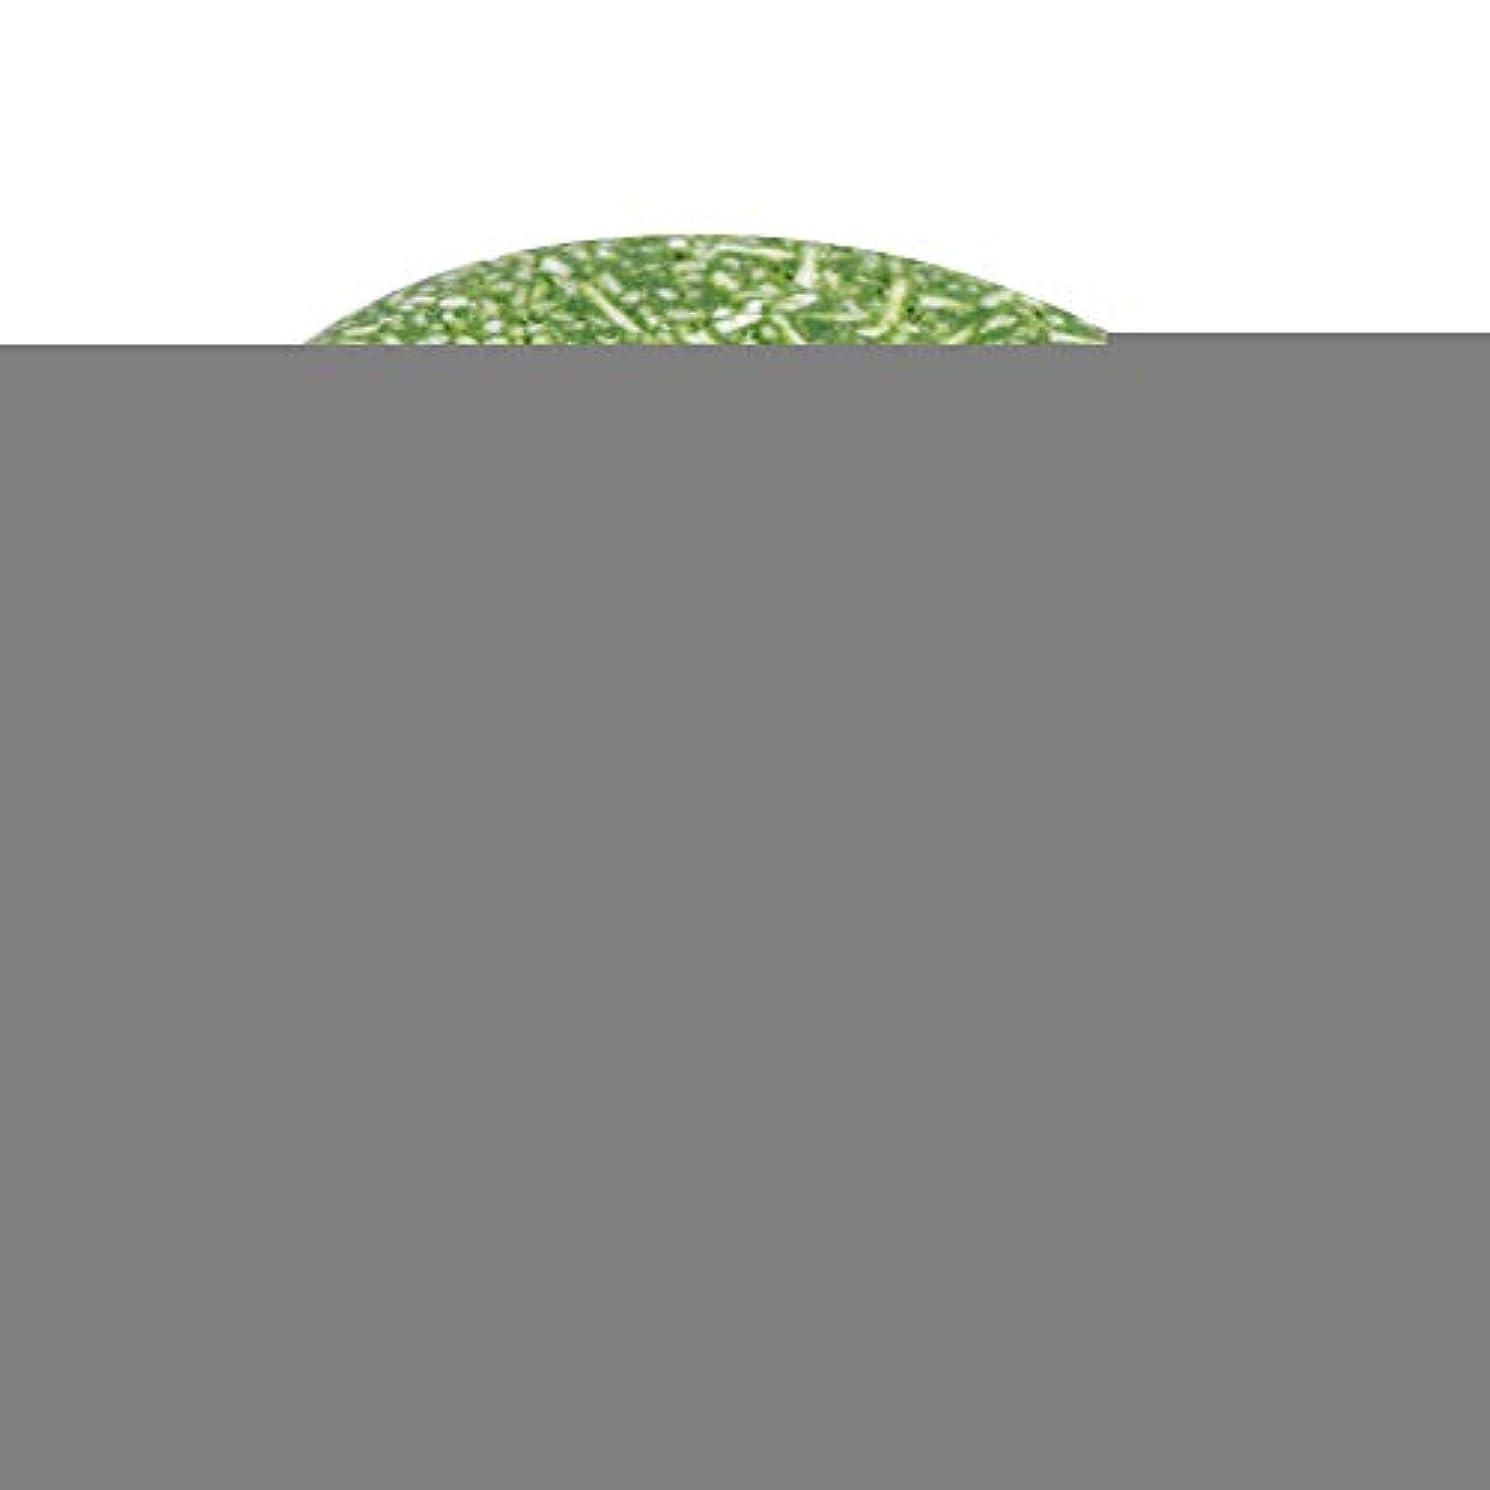 該当する羽病者4色オーガニック手作りコールド加工シナモンシャンプーバー100%ピュアヘアシャンプー(緑)